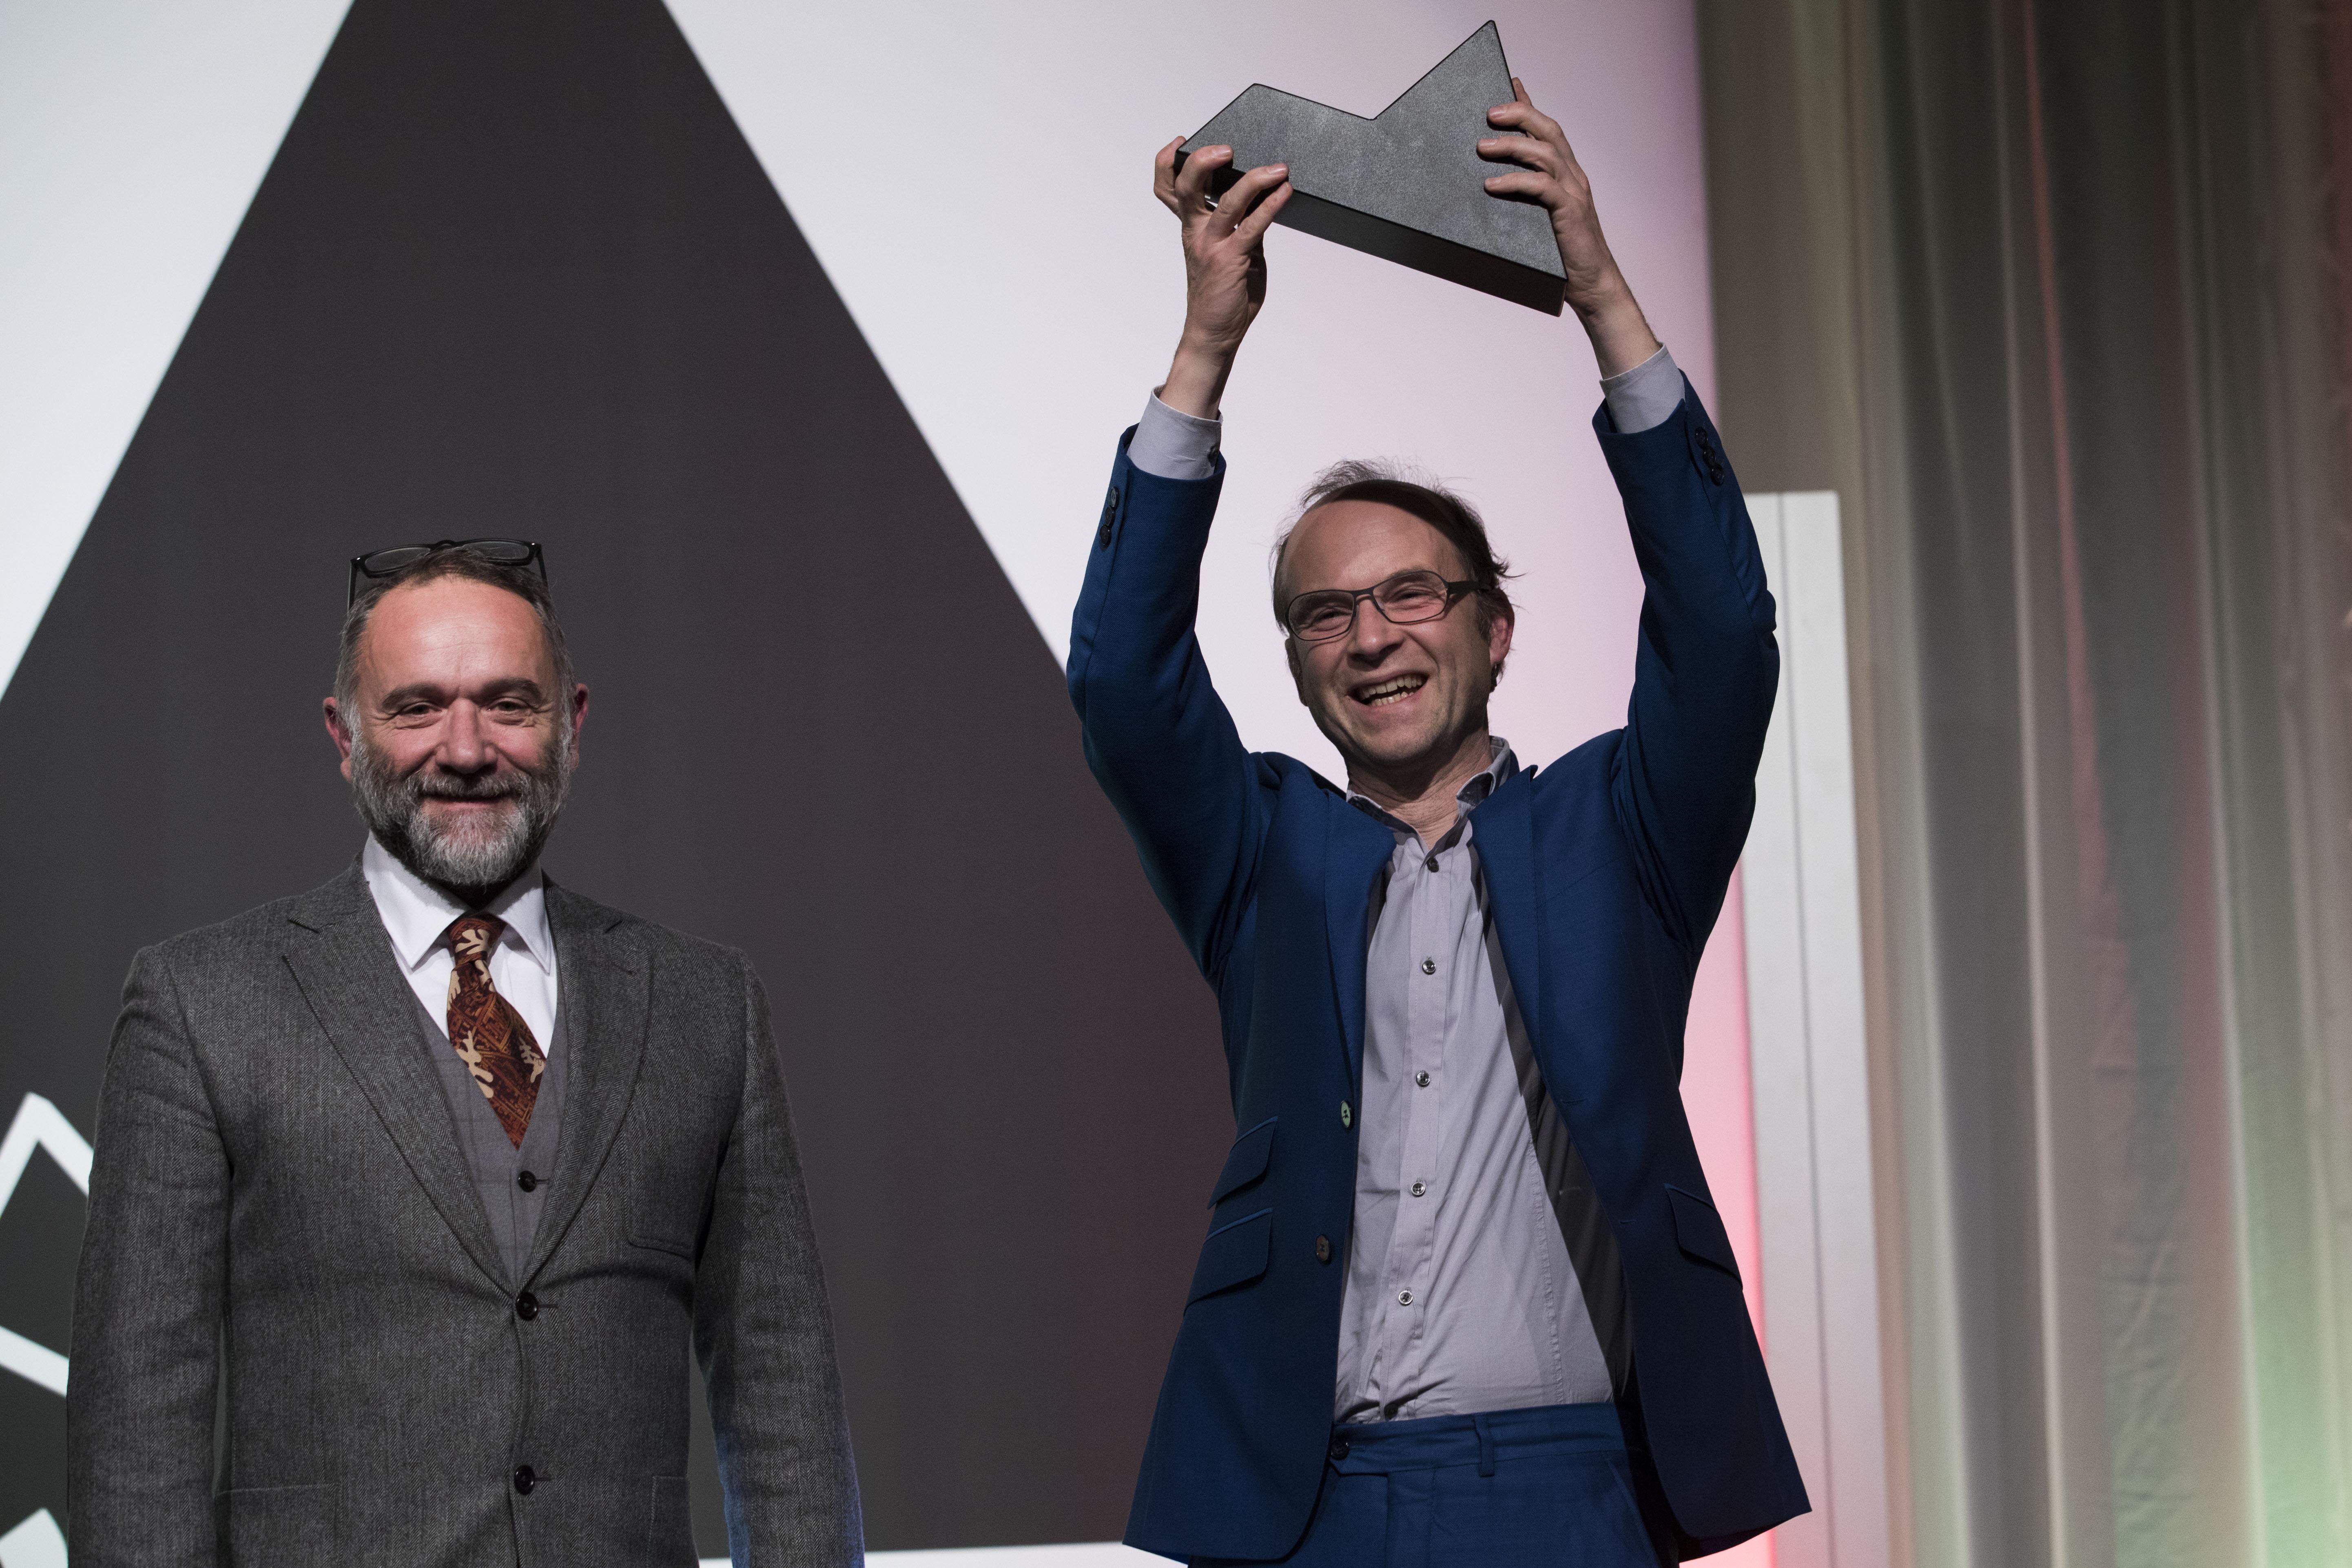 <p>Links juryvoorzitter van de ARC17 Innovatie Award: Francesco Messori en rechts Jan Jongert van Superuse Studio. Foto Elvins Fotografie</p>